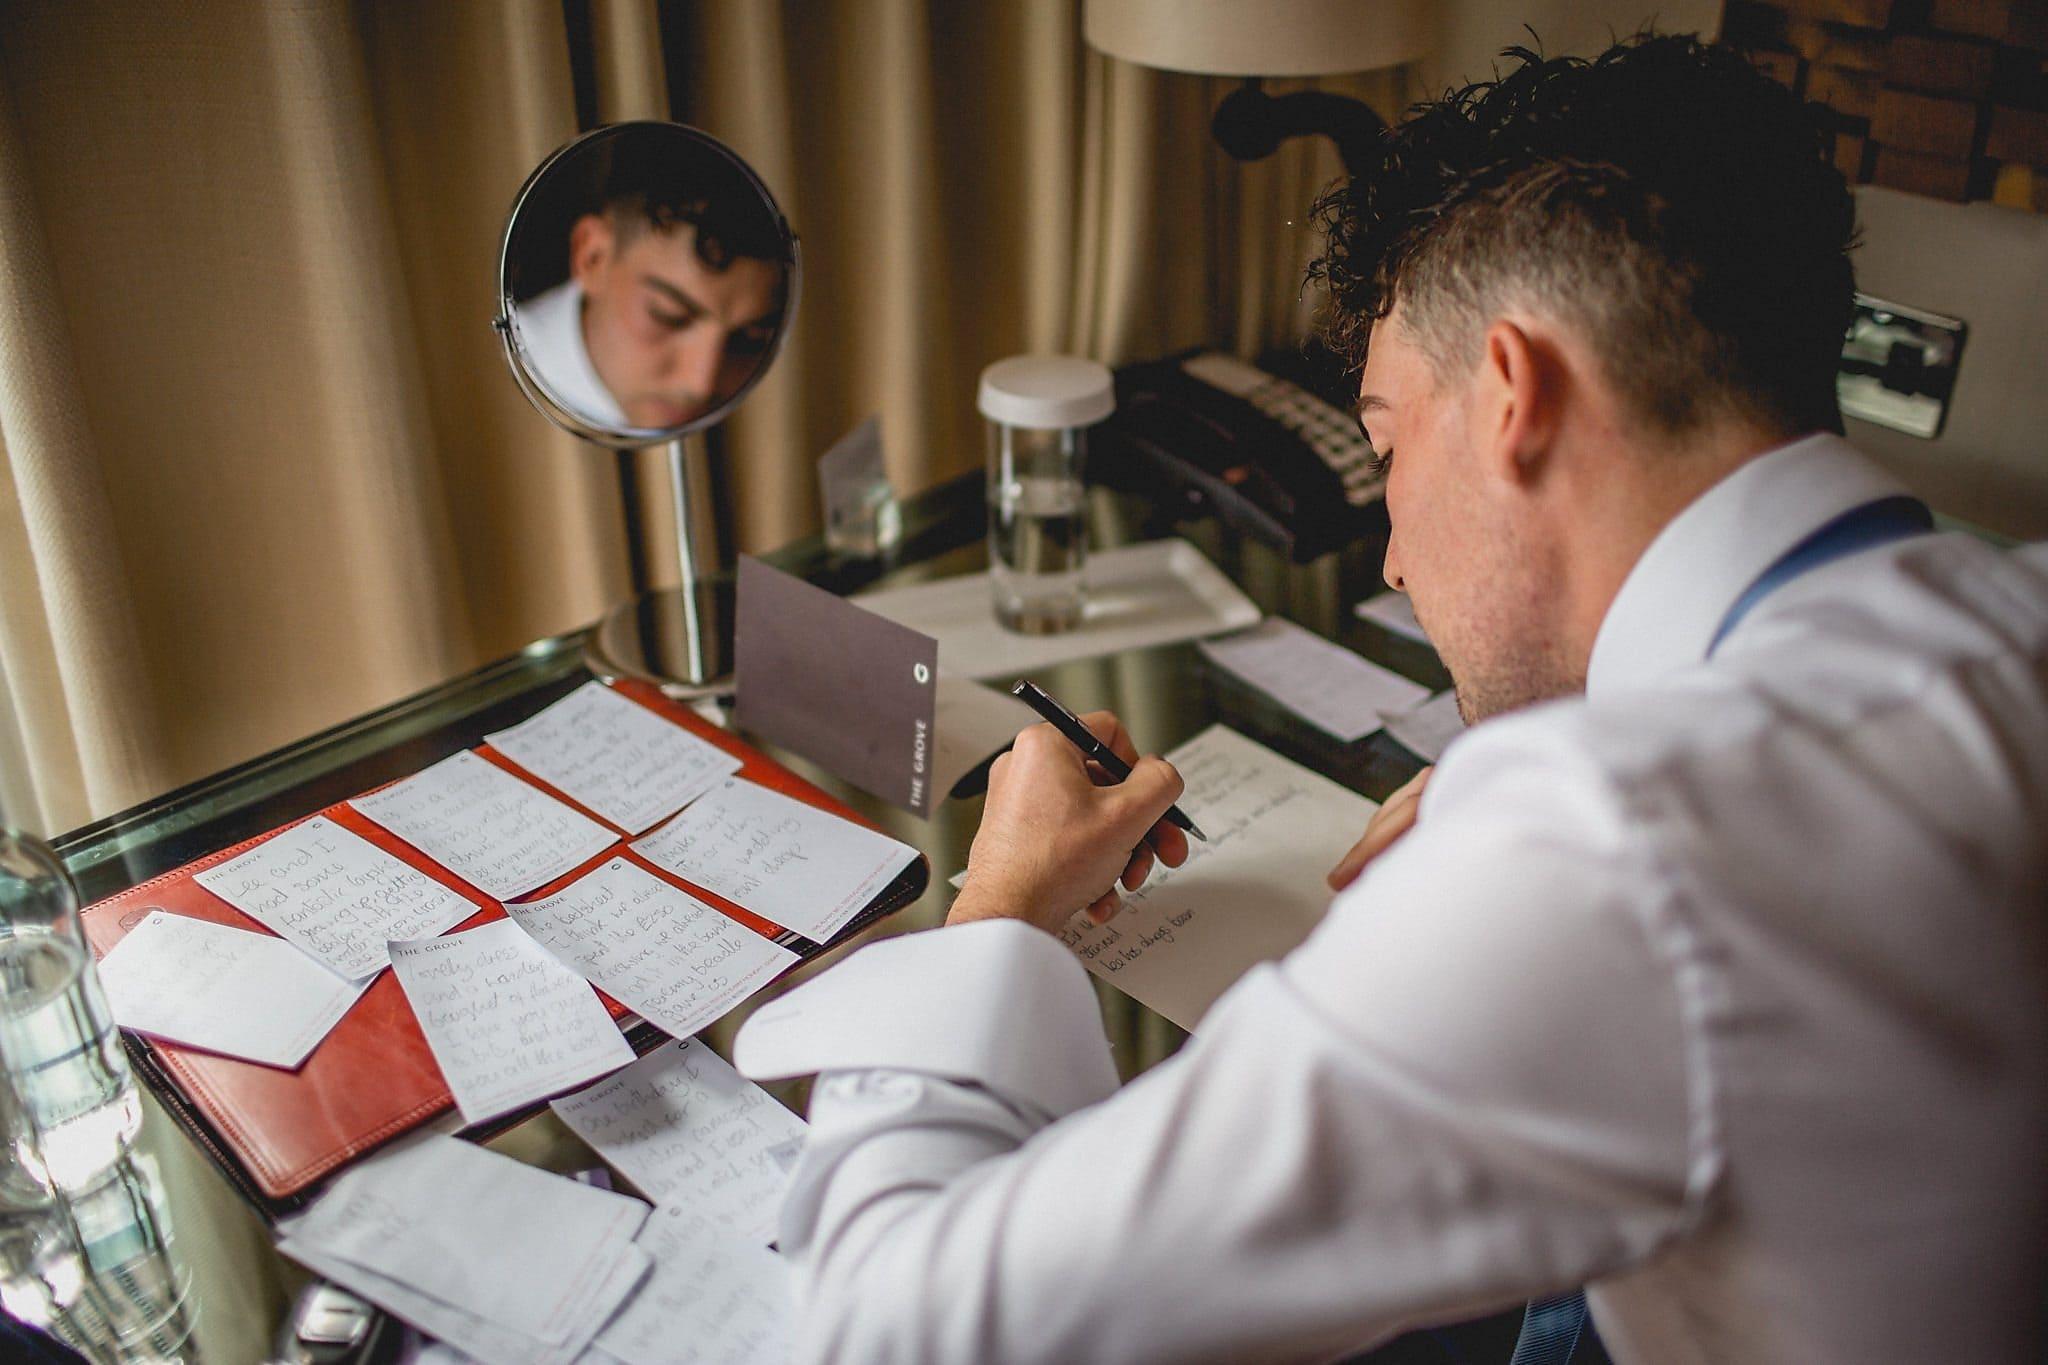 Speech prep in the groom's dressing room